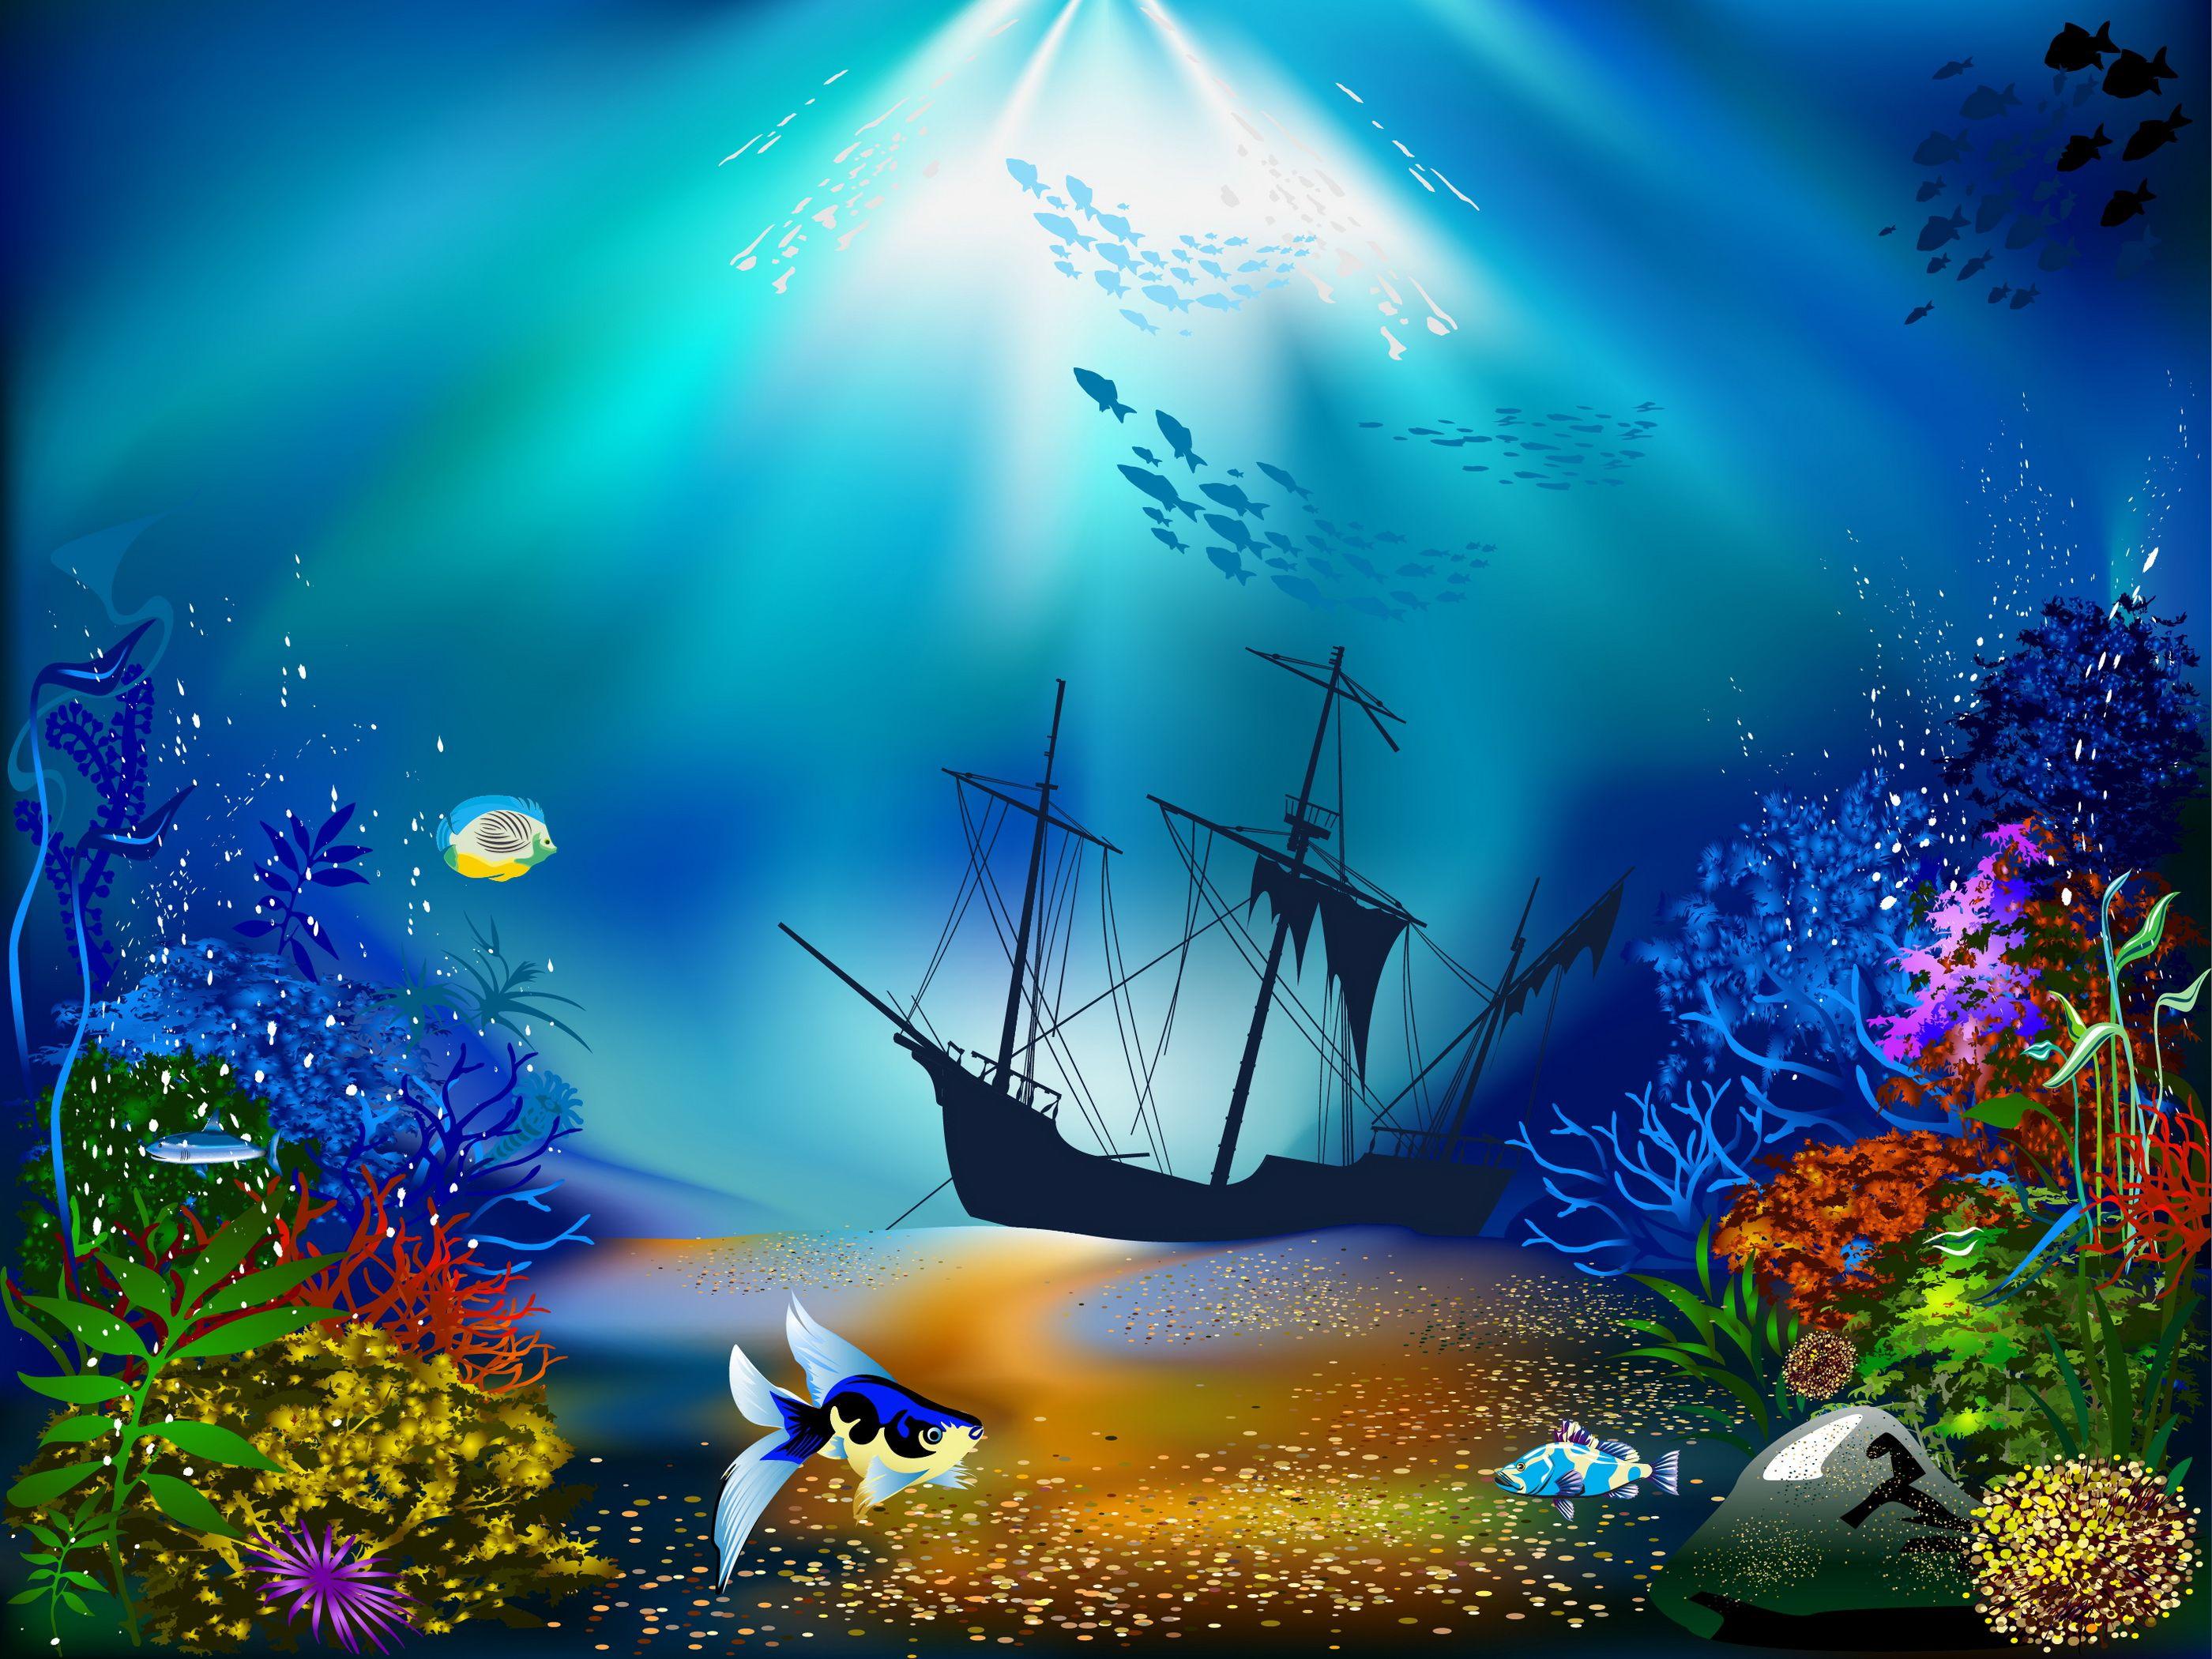 A Neve Design Star Decoração Background Arte subaquática